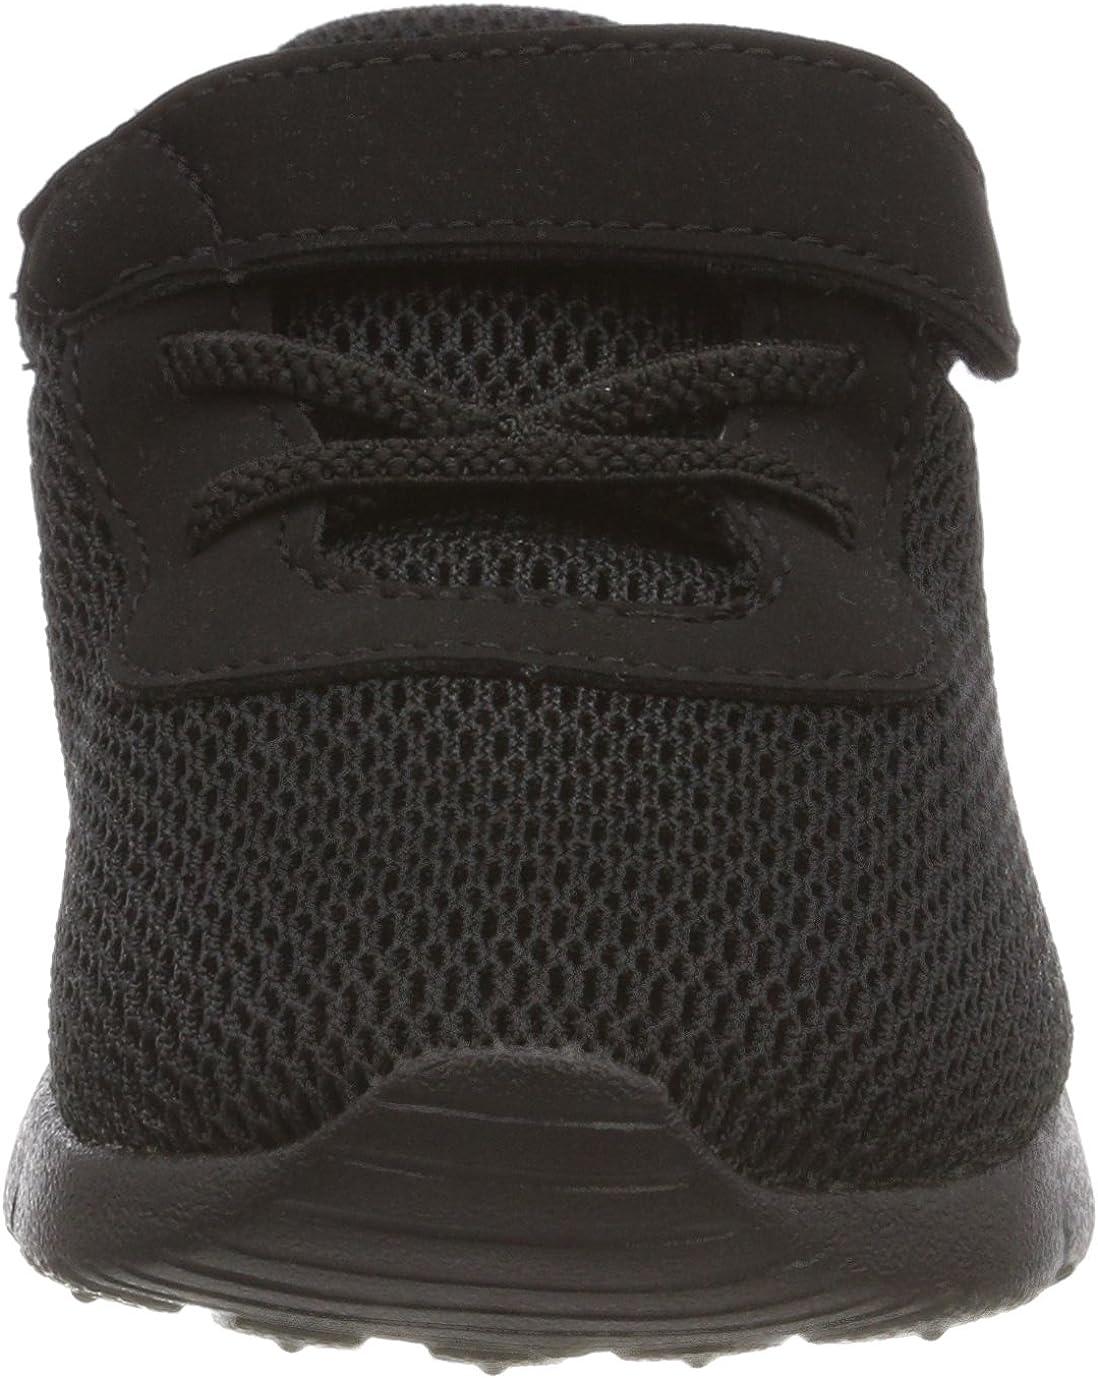 Nike MD Runner 2 TDV Kinder Sneaker Black White Grey Gr 21 27